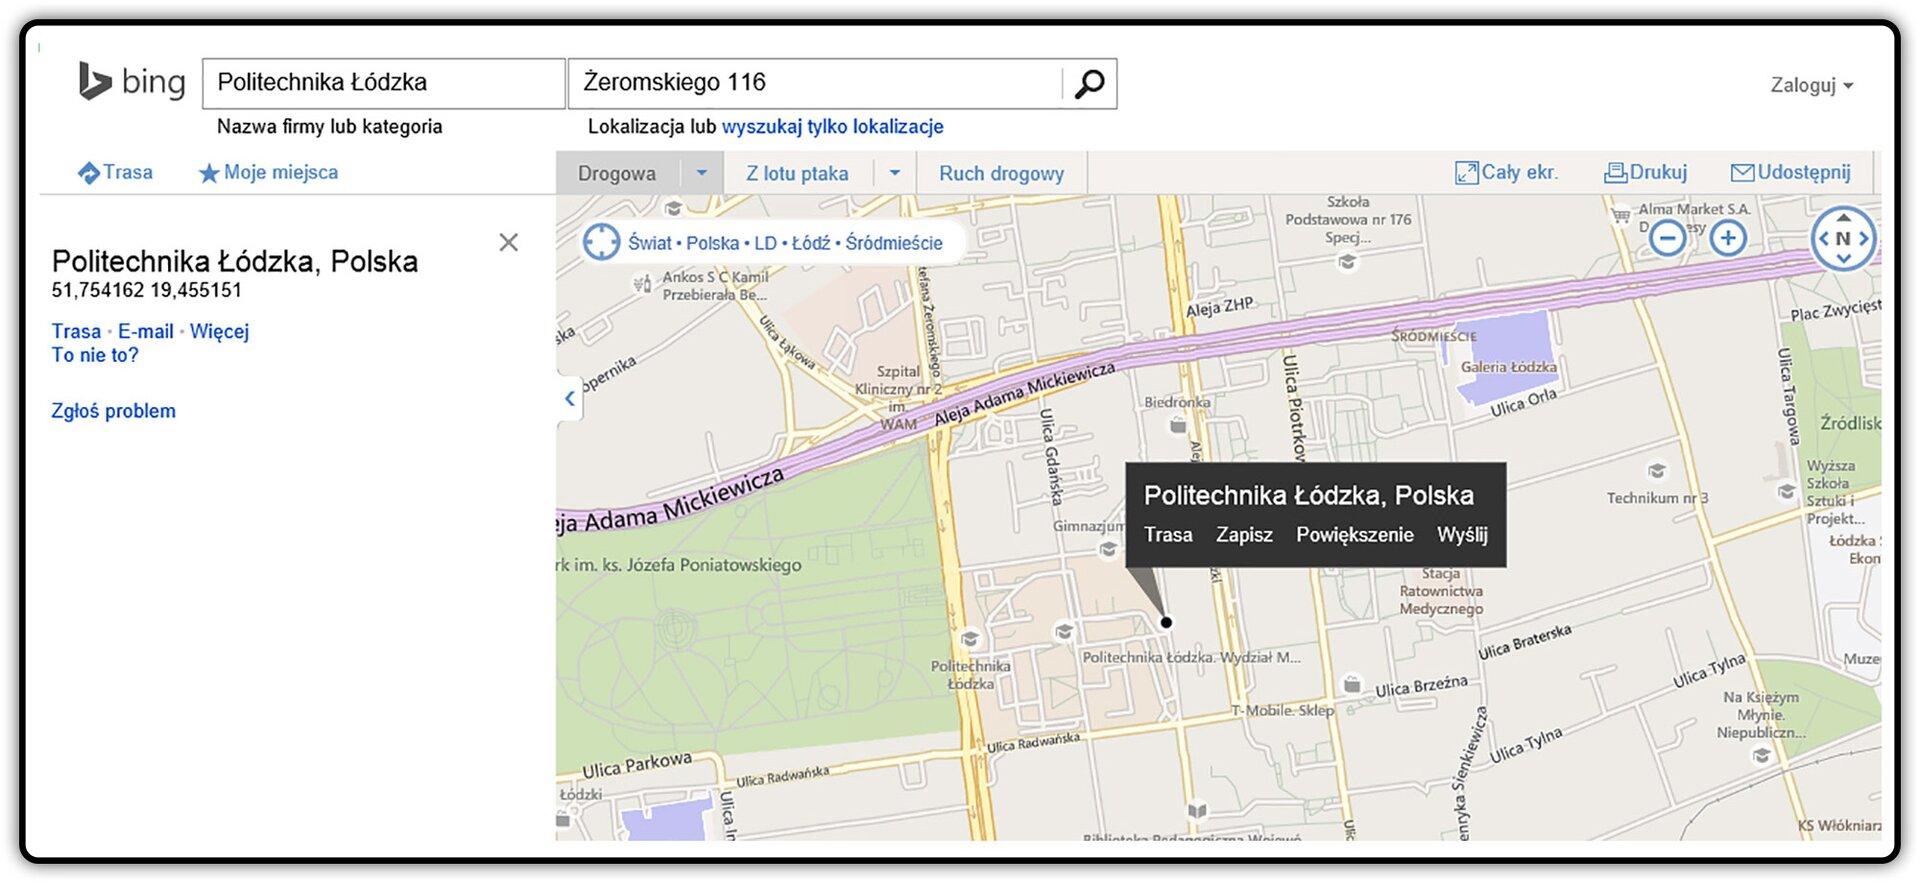 Slajd 1 galerii zrzutów fragmentów mapy